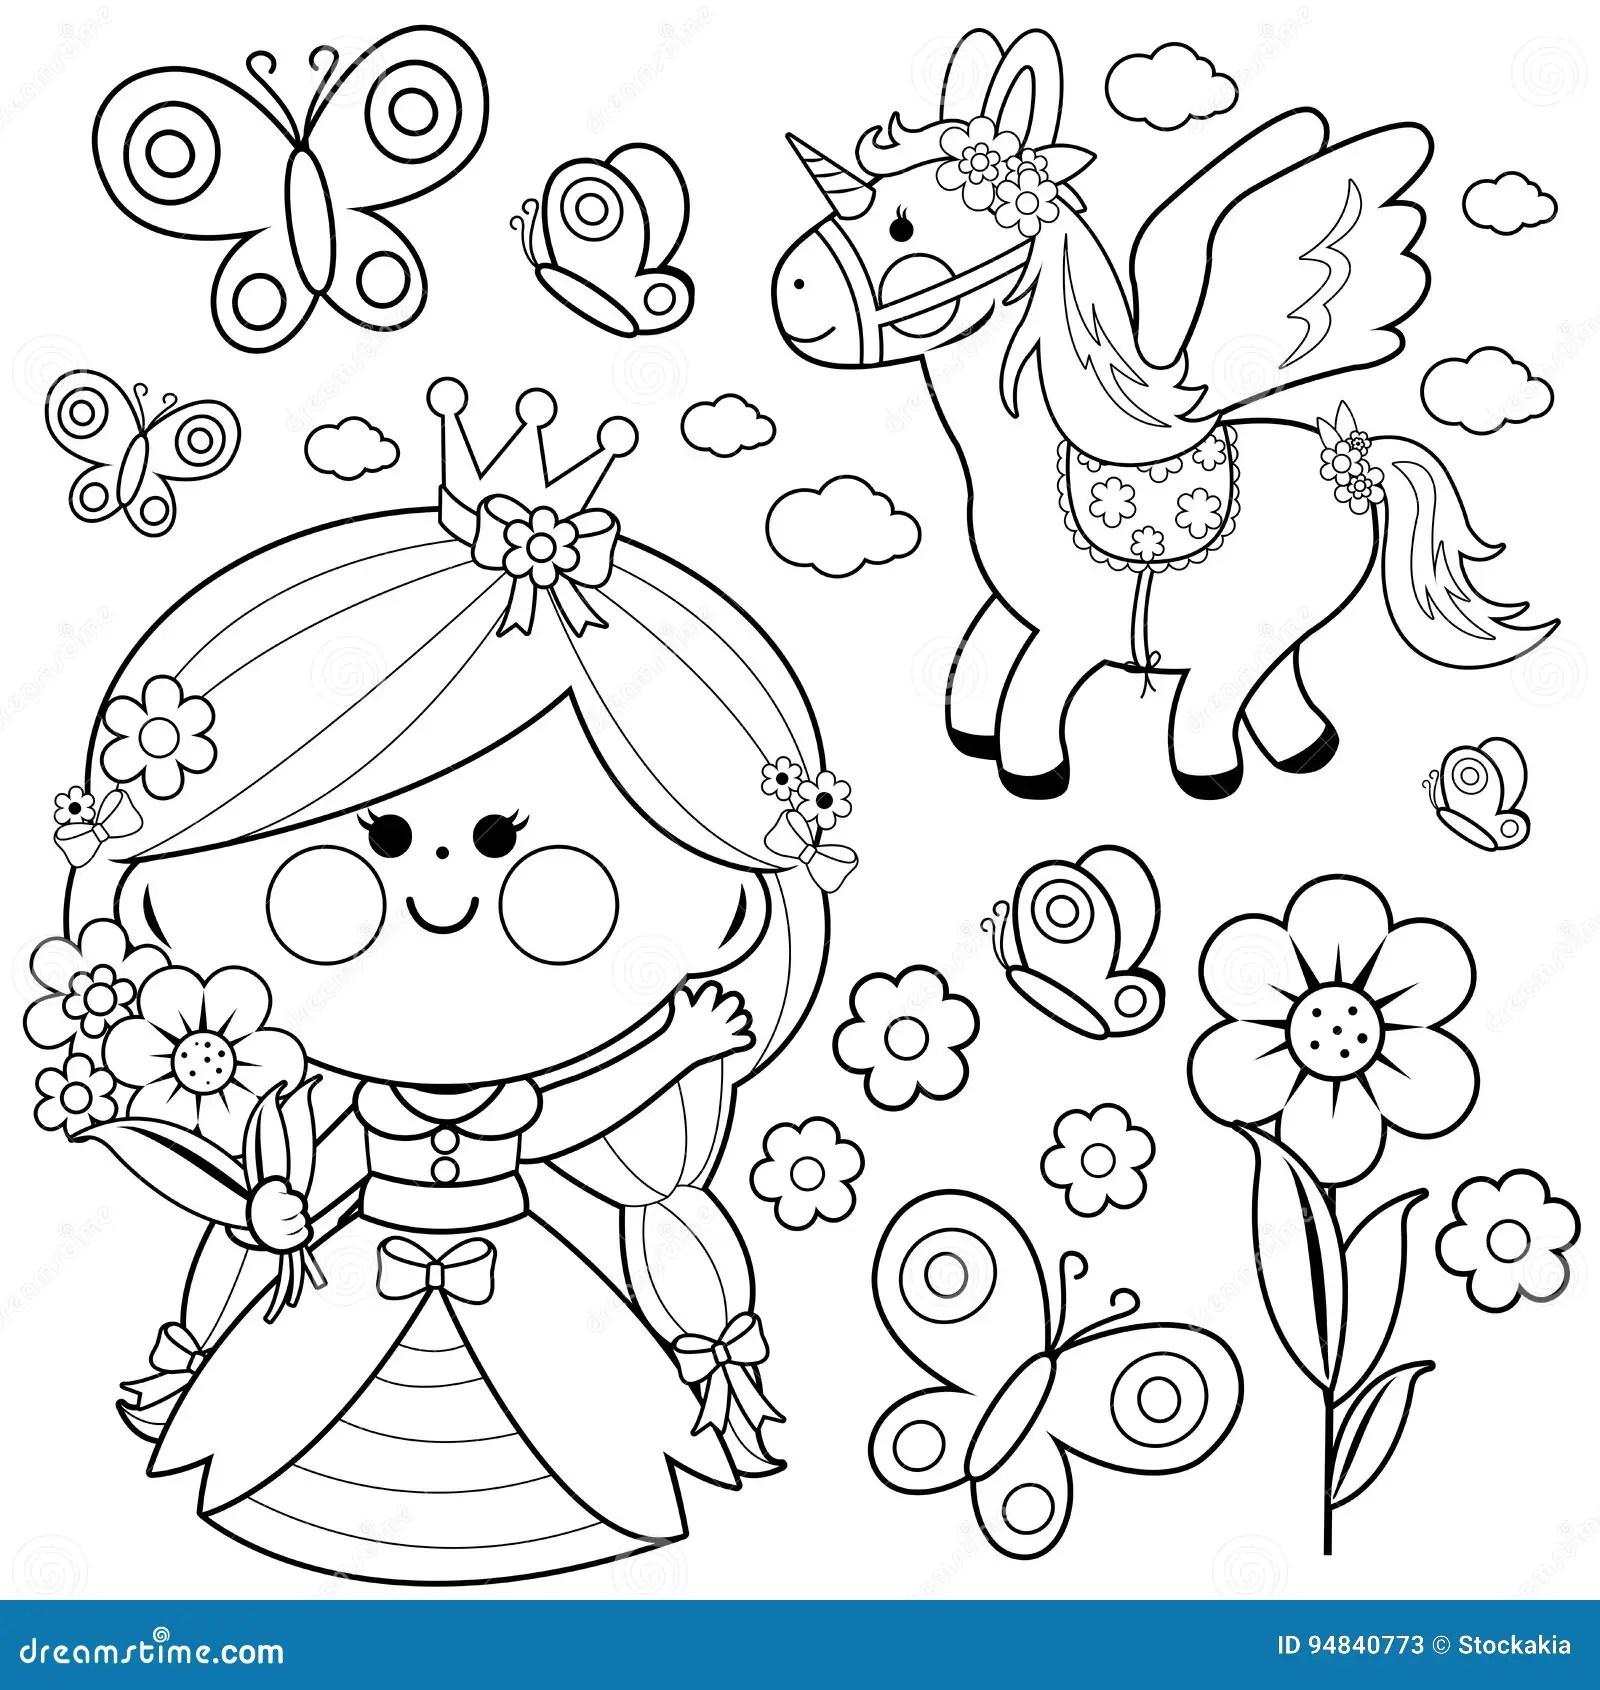 Unicorn Reading Worksheet